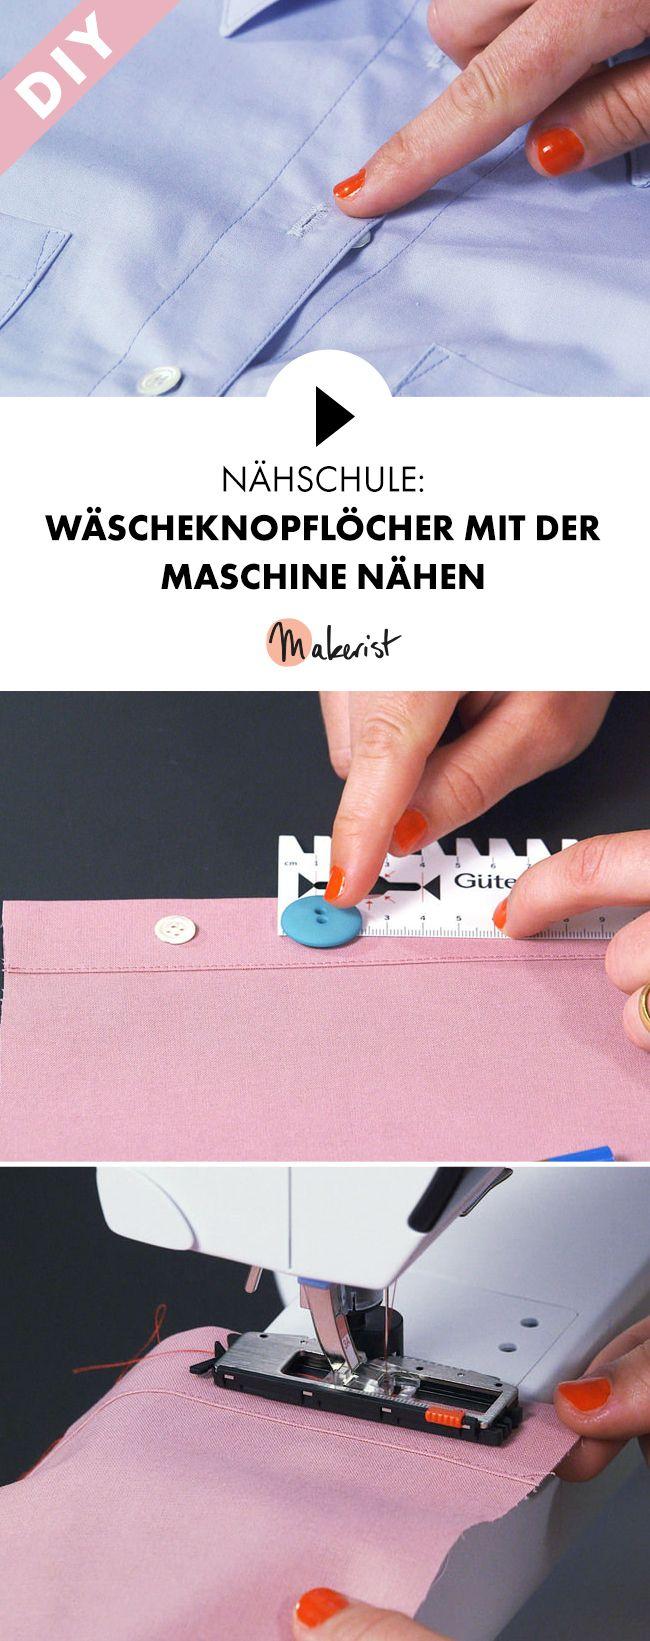 Wäscheknopflöcher mit der Maschine nähen - Schritt für Schritt erklärt im Video via Makerist.de